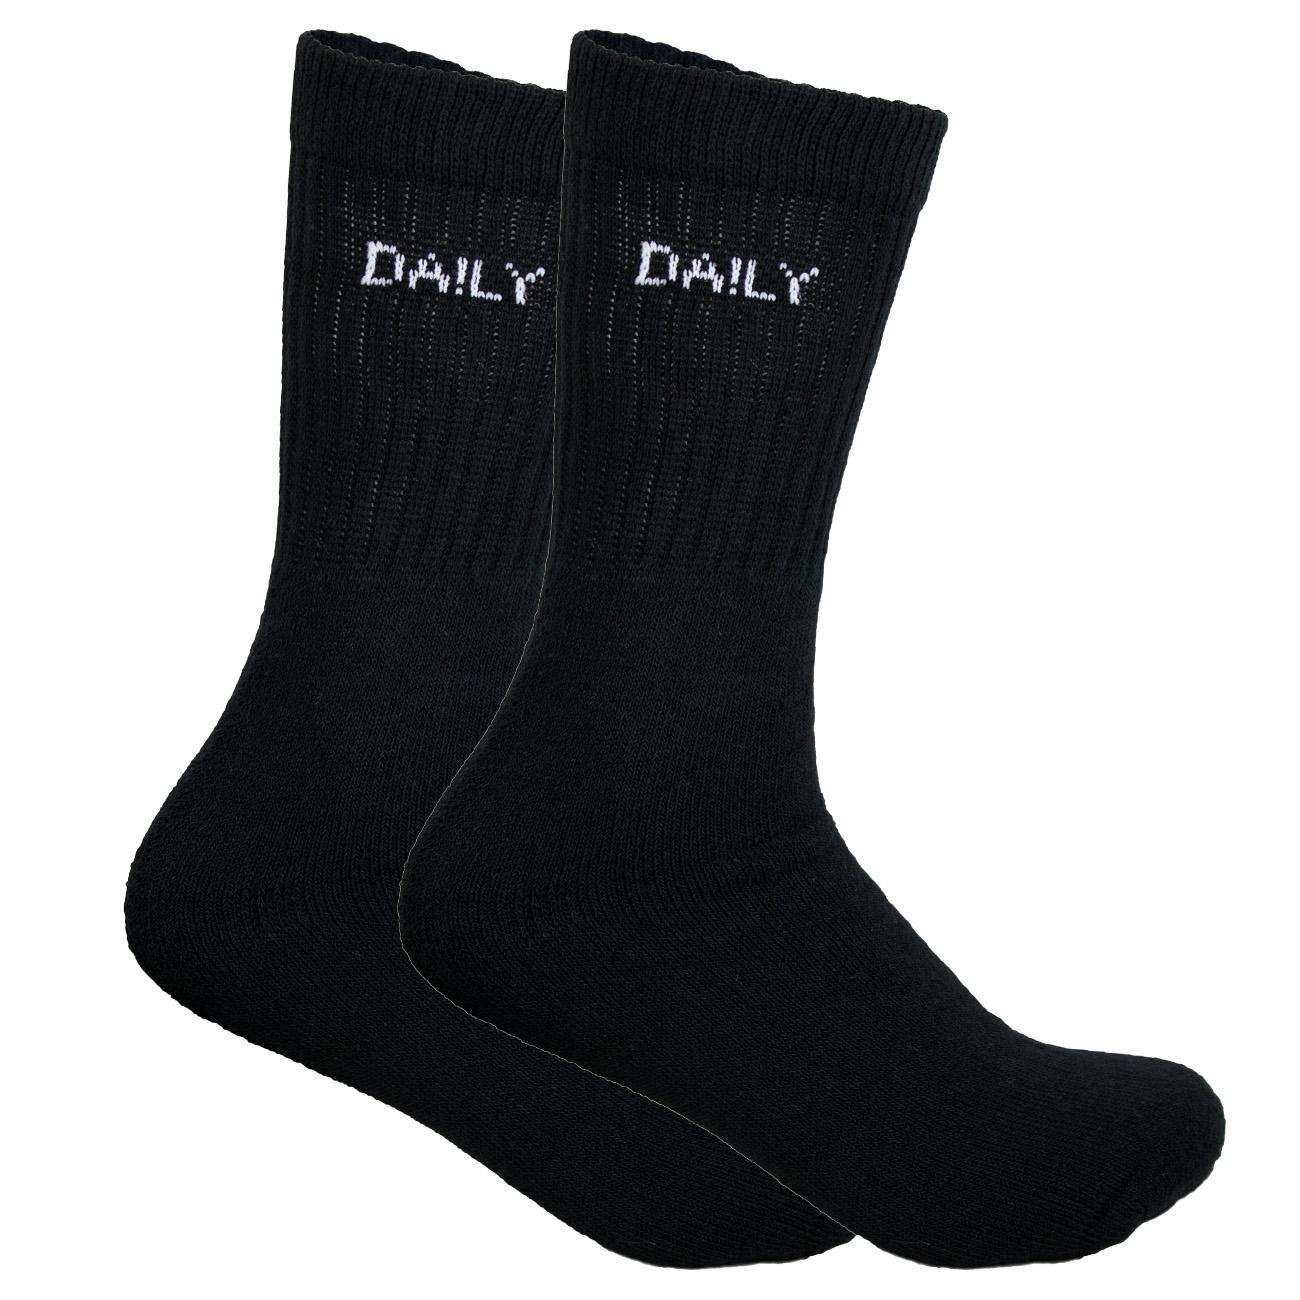 Socken wechseln leicht gemacht: 14 schwarze Sportsocken mit aufgedruckten Wochentag